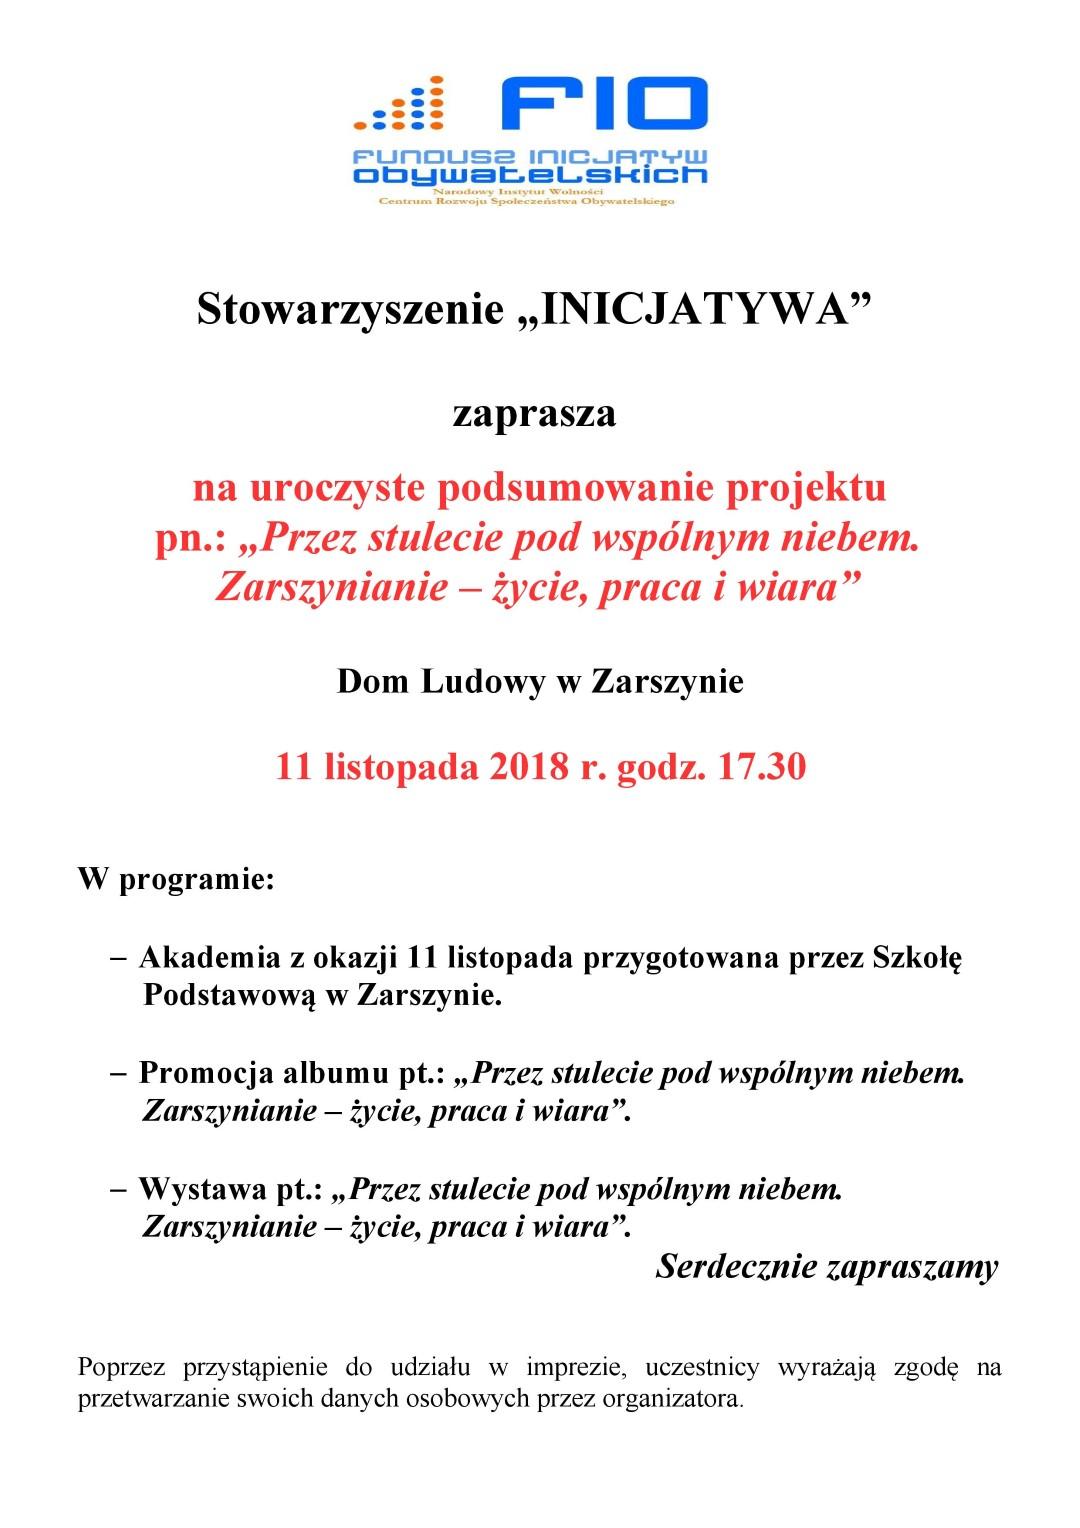 Obraz na stronie zaproszenie_na_zakonczenie_projektu__large_.jpg